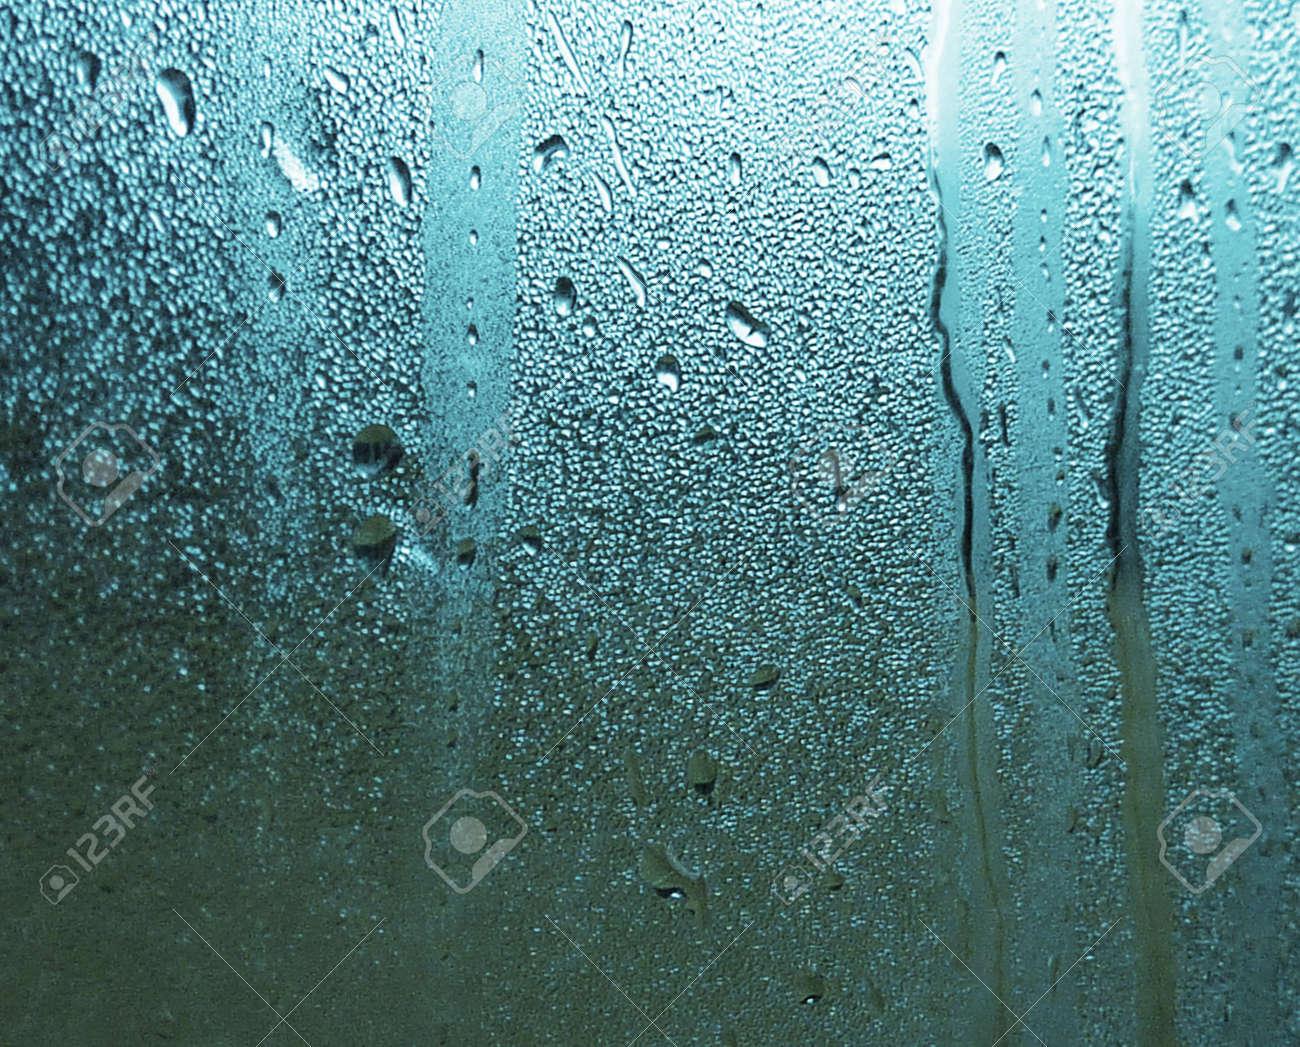 Wassertropfen Auf Fenster Beschlagen Ideal Fur Hintergrund Und